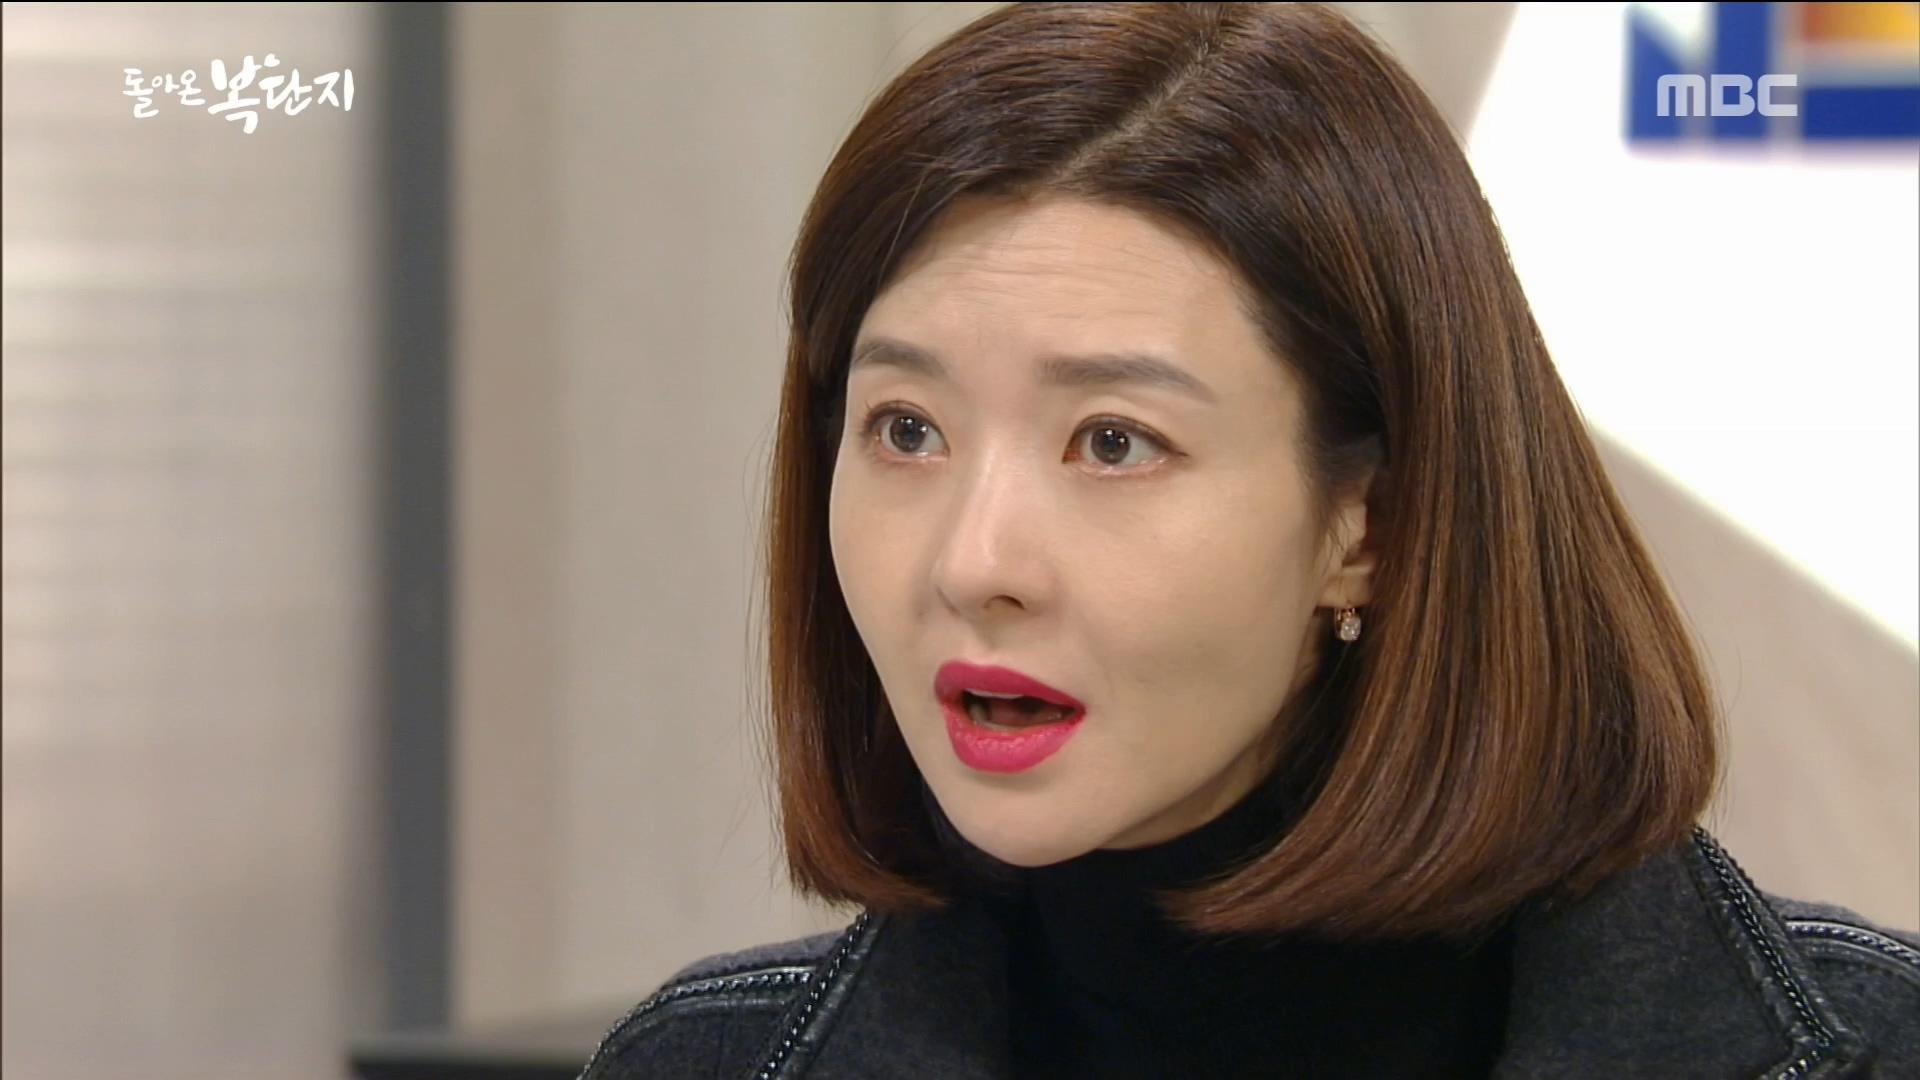 이혜숙을 위해 회사를 넘기는 송선미!